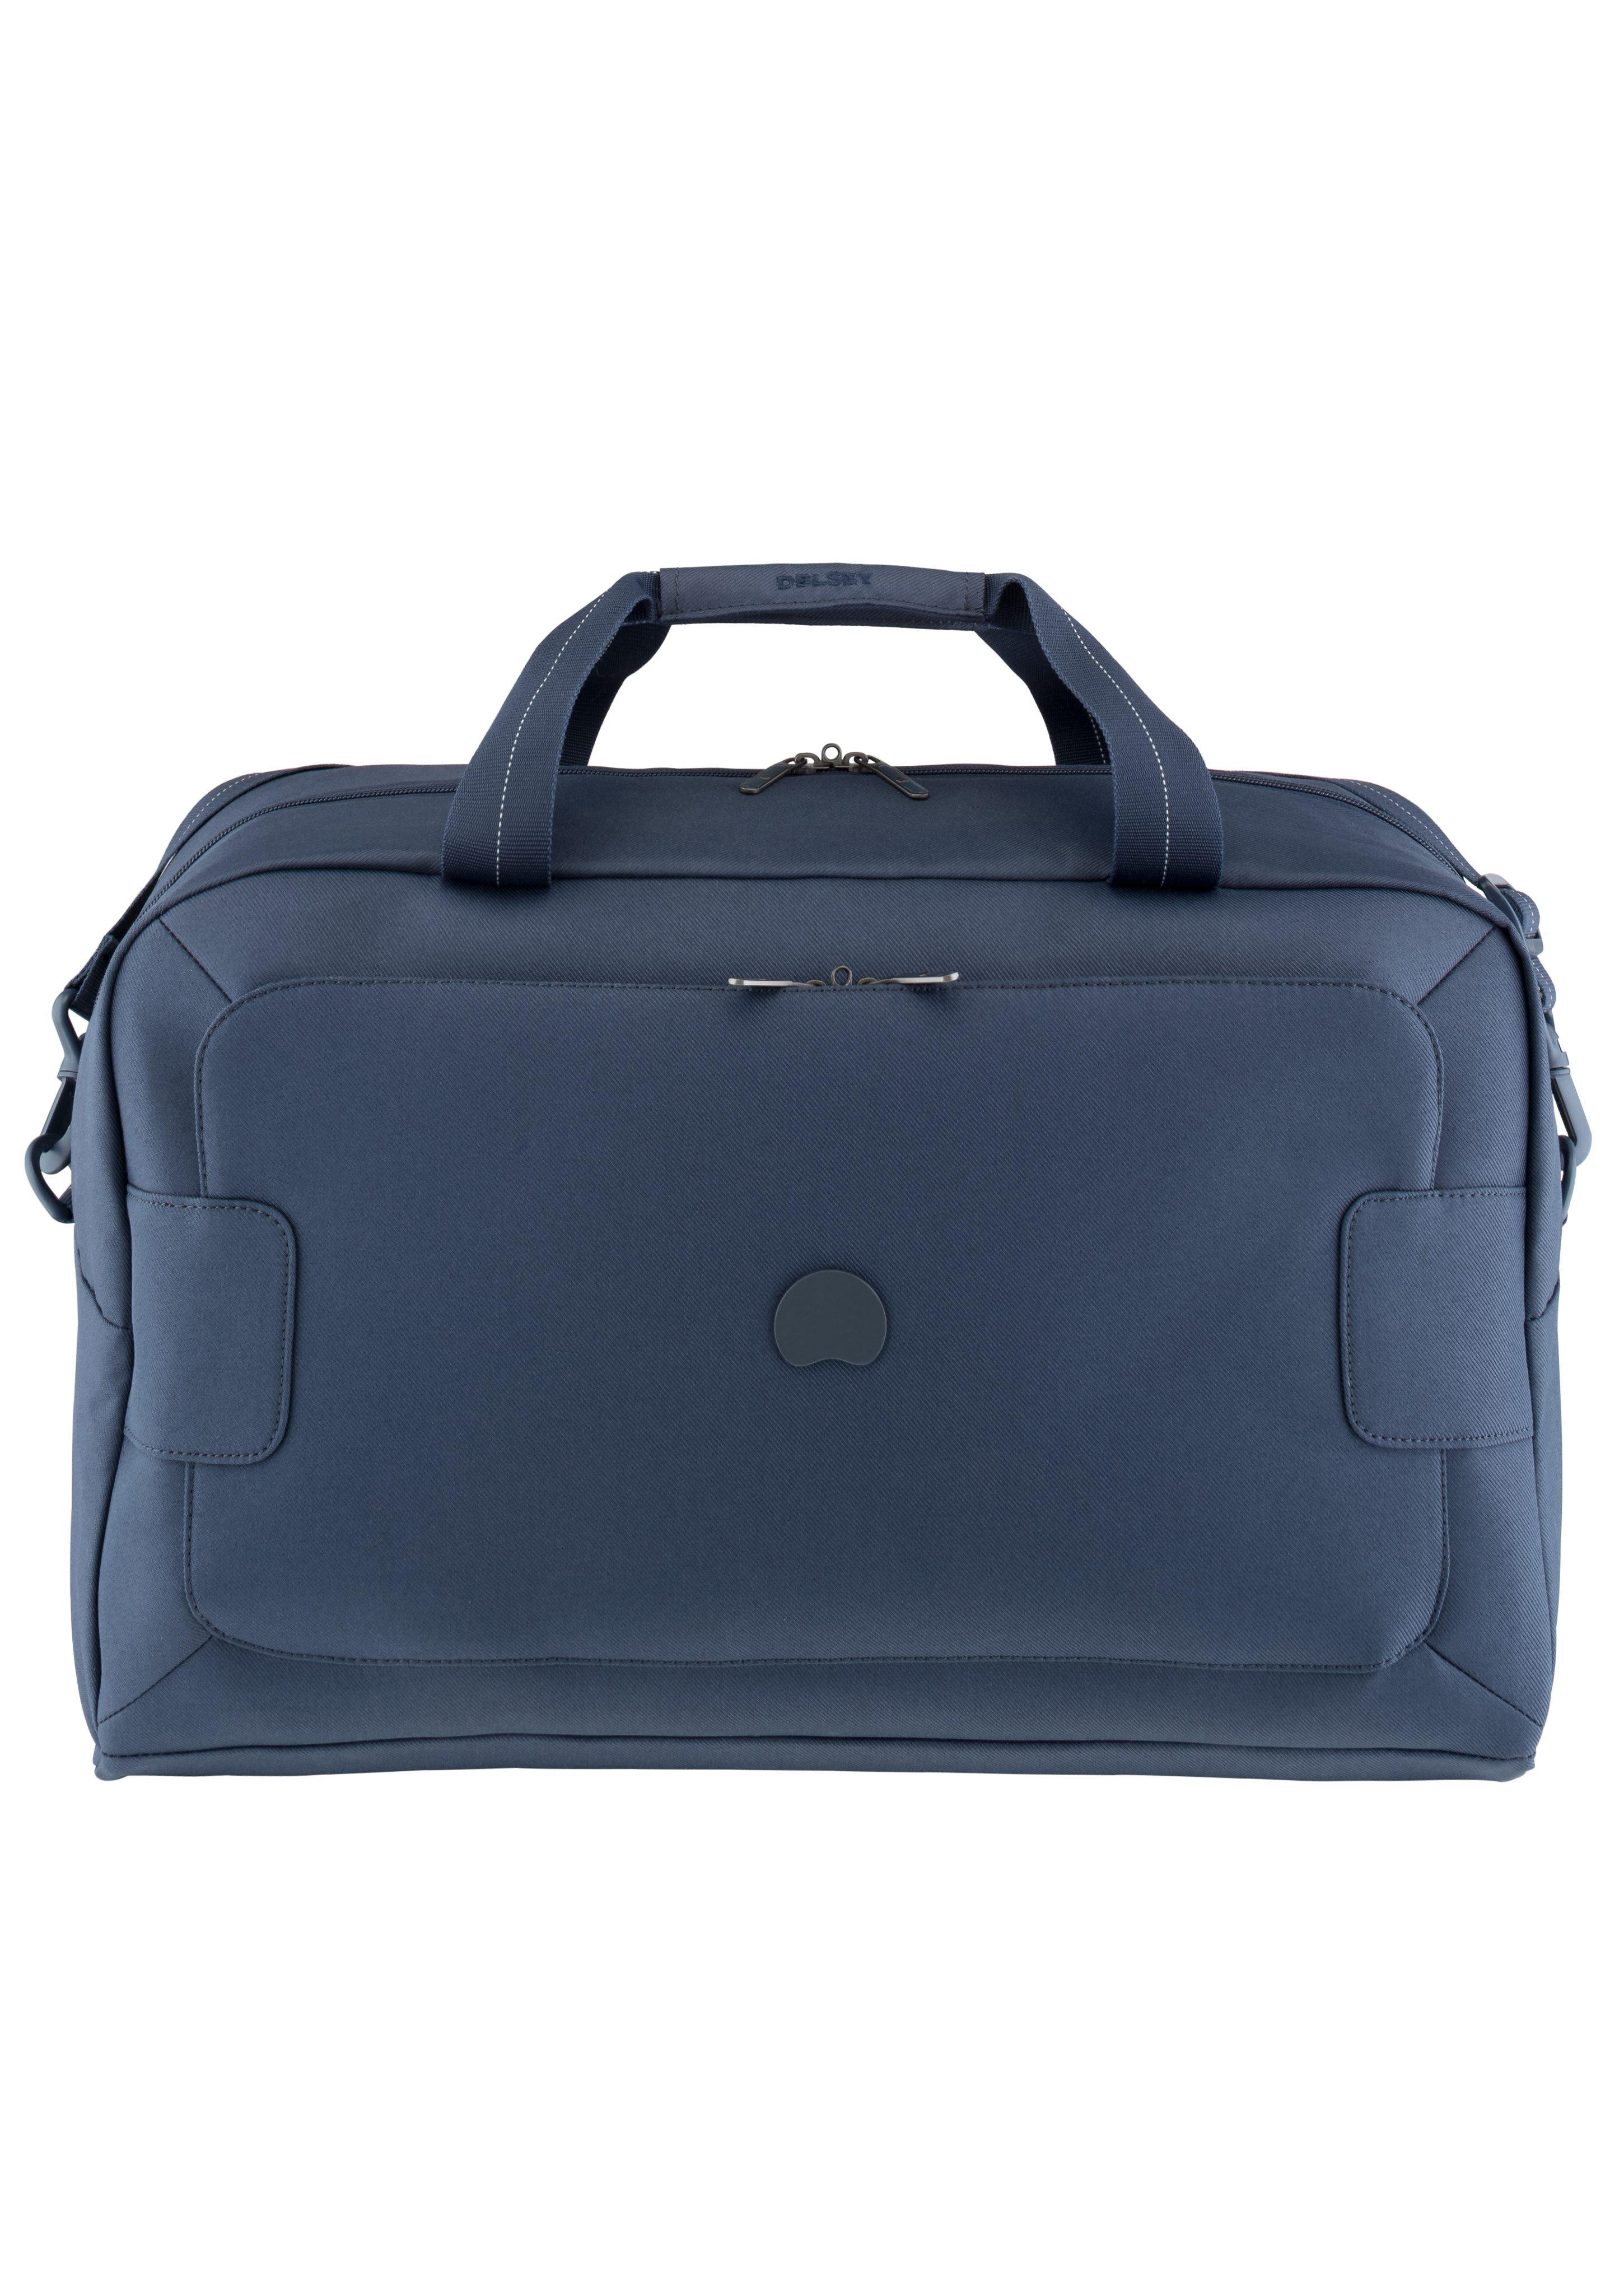 DELSEY Reisetasche mit Schultergurt und TSA-Schloss, »Tuileries«